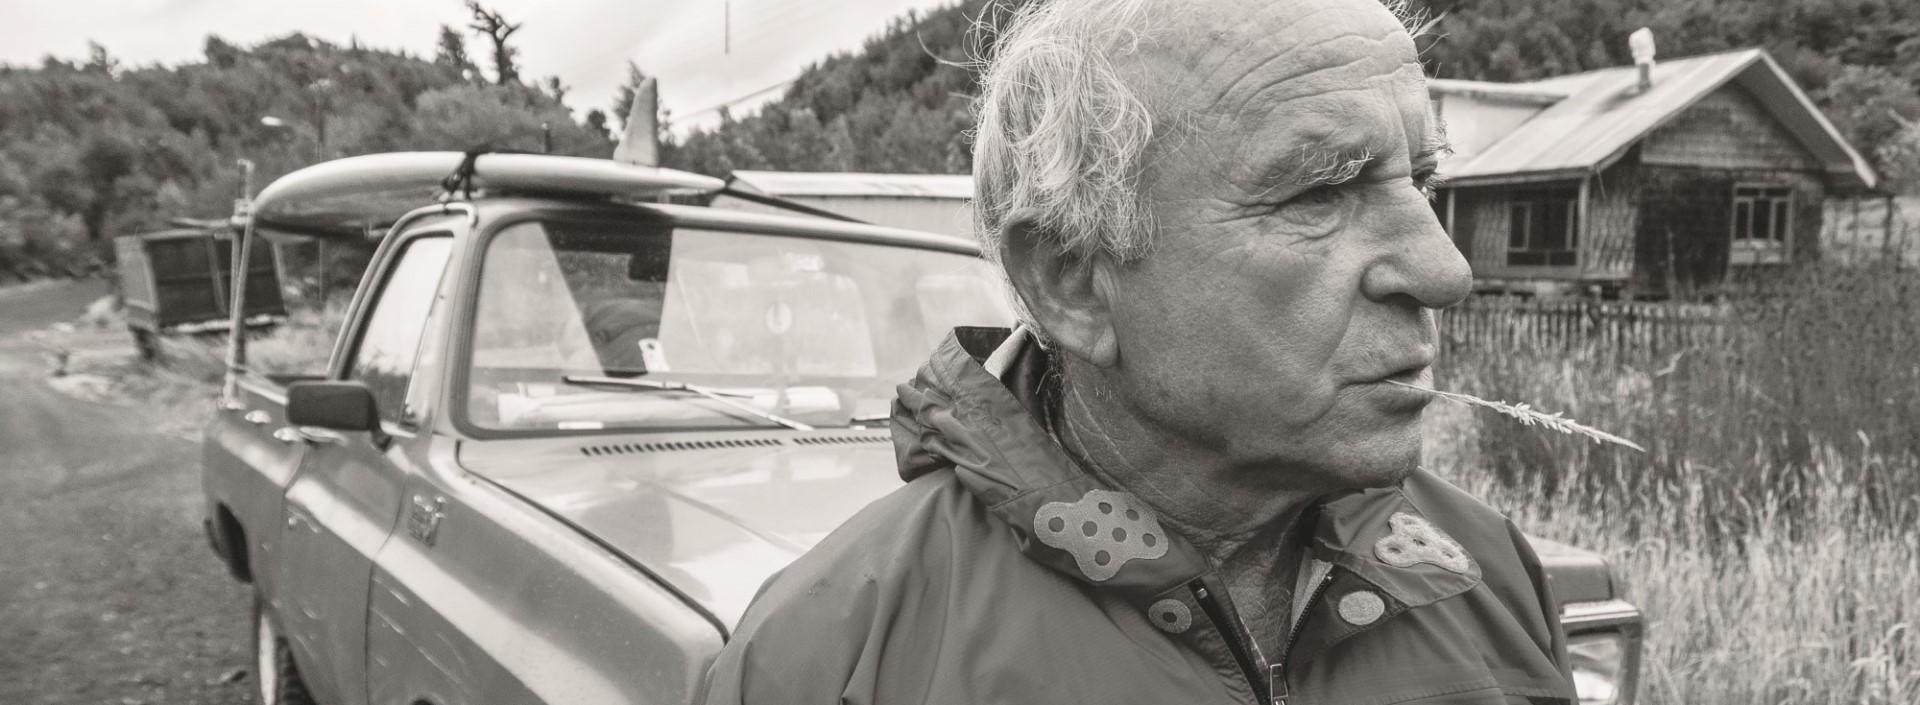 Patagonia - wywiad z założycielem